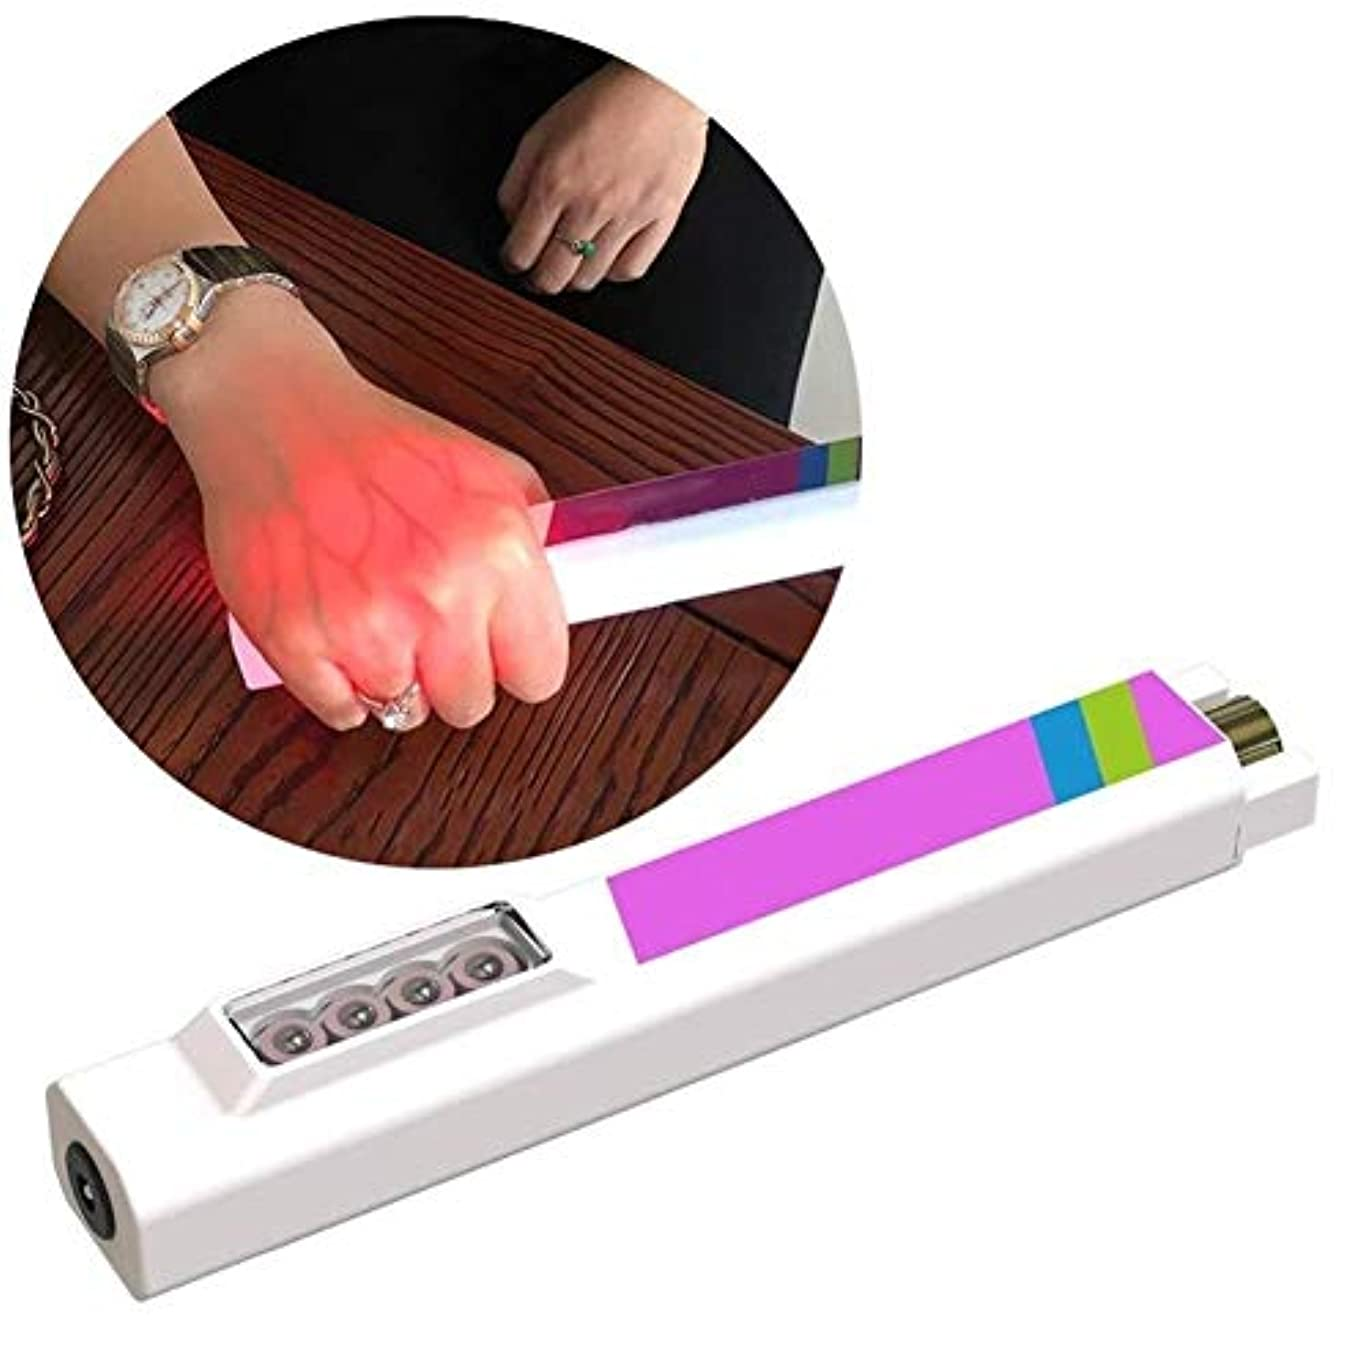 コック行振るう静脈イメージング懐中電灯血管ディスプレイ懐中電灯手穿刺による血管ライトの確認皮下静脈デバイスの発見が容易